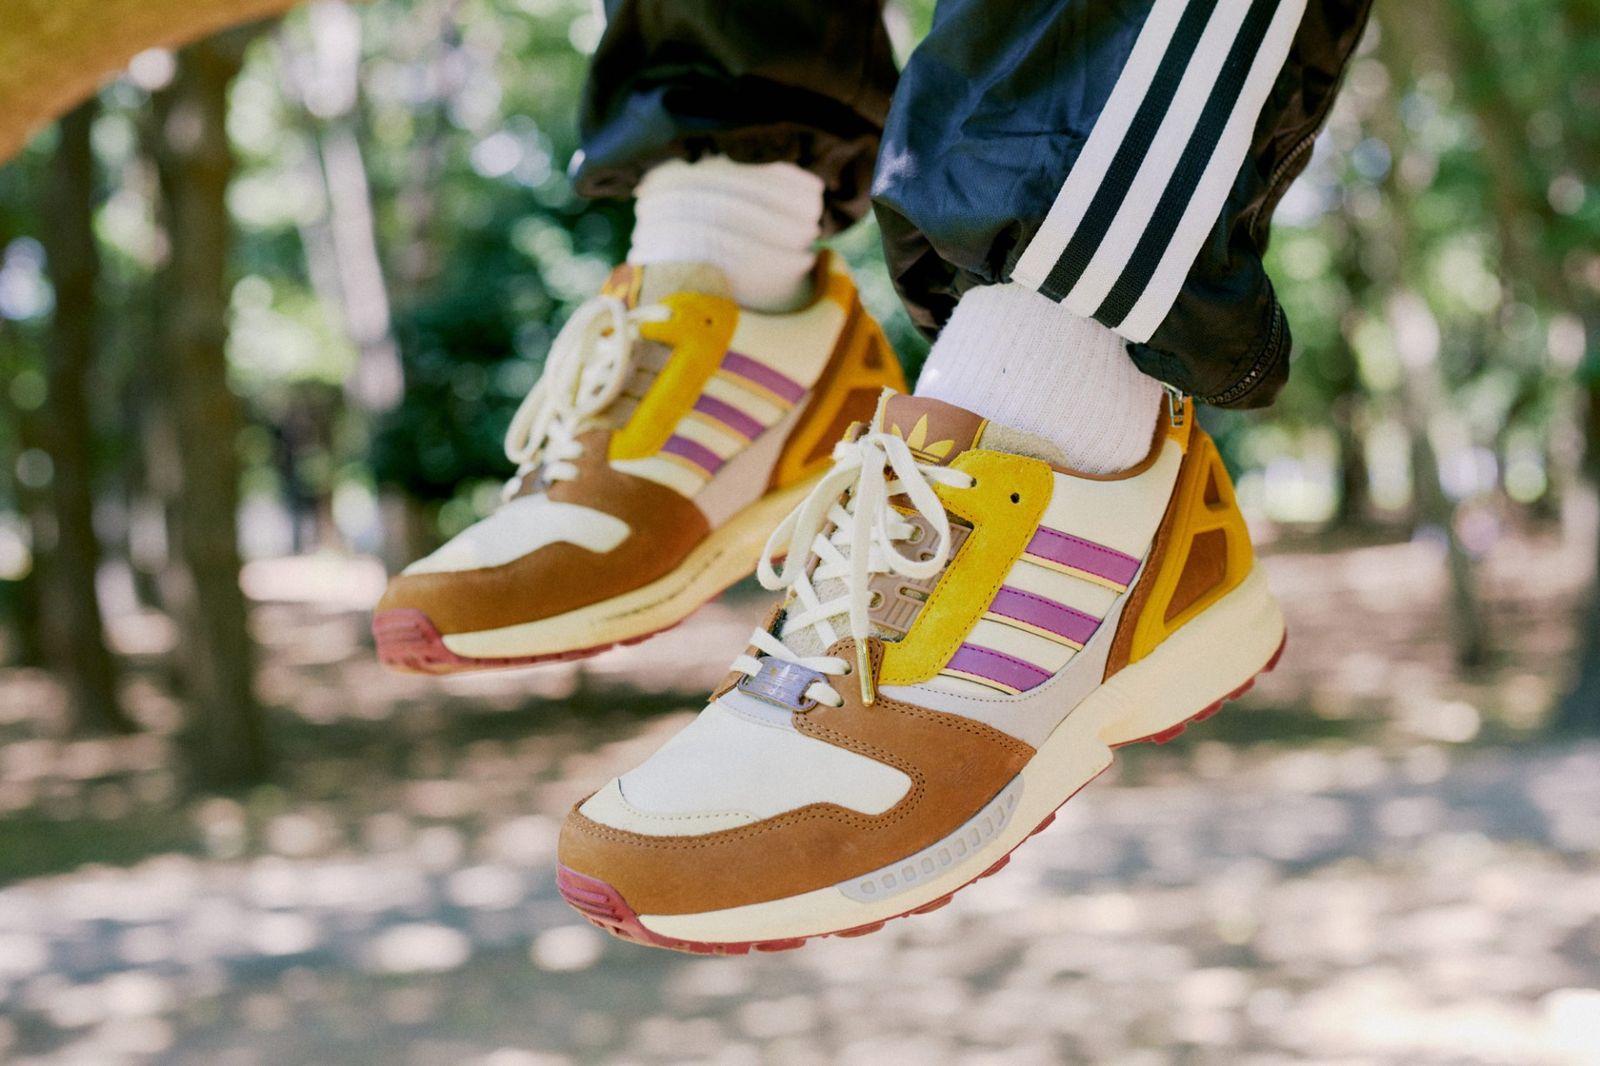 adidas-originals-atmos-yoyogi-park-pack-lb-7